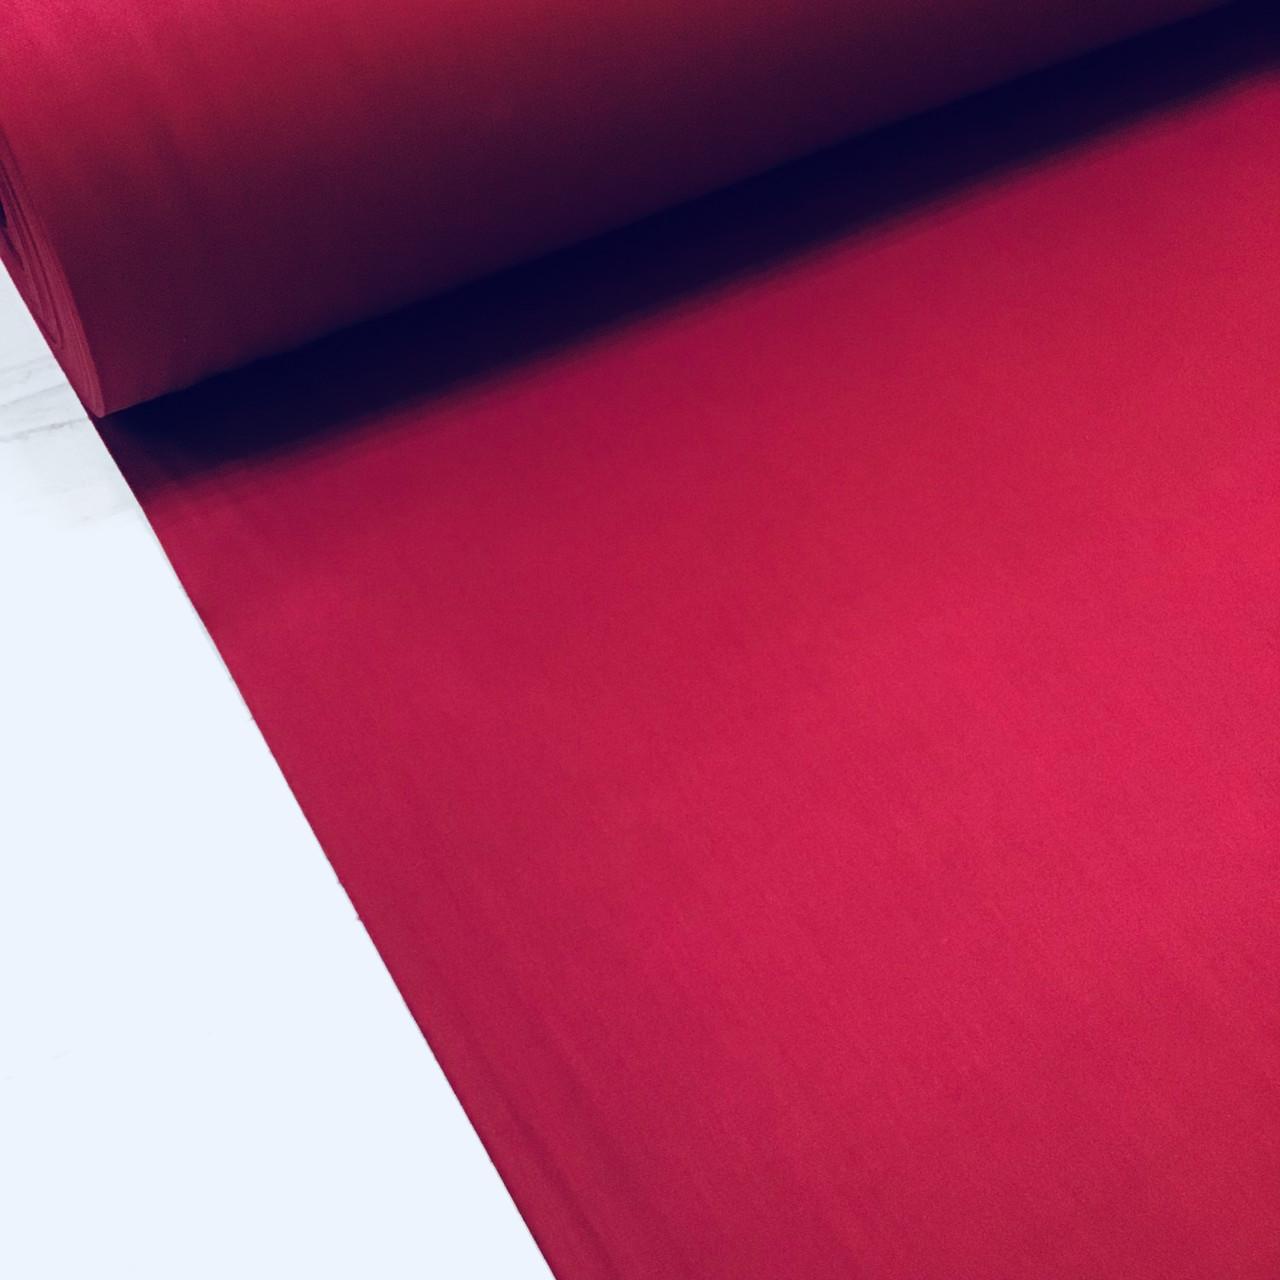 Сатин вишневый для постельного белья, мерсеризованный (ТУРЦИЯ шир. 2,4 м) №31-33s